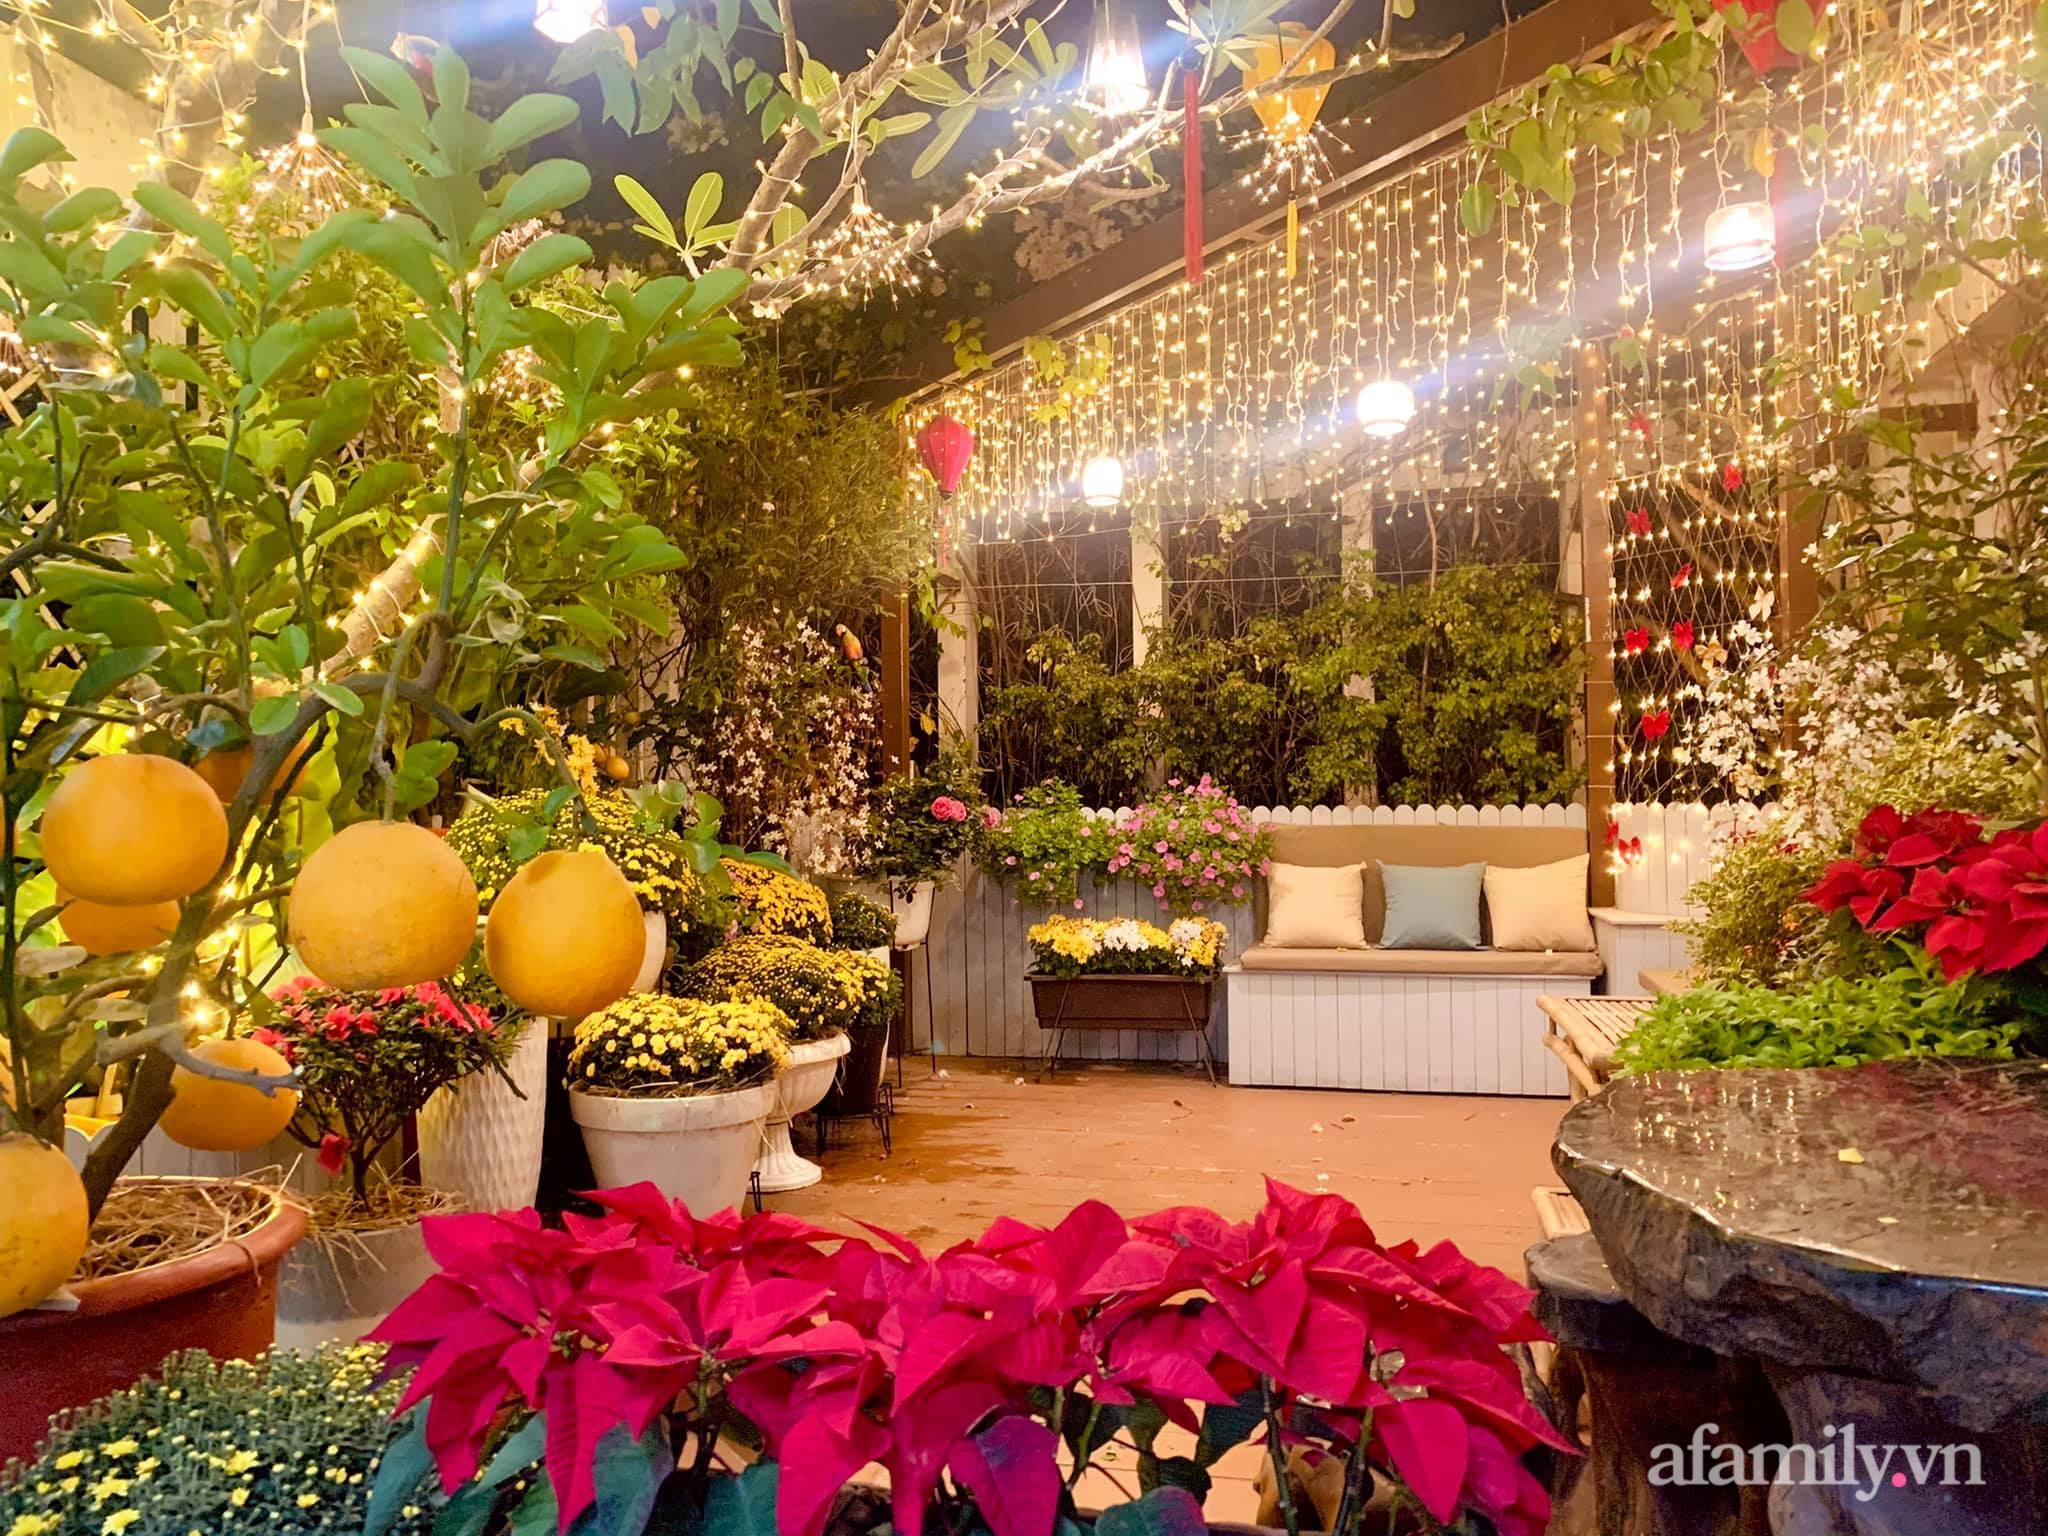 Mùng 1 đầu năm cùng ghé thăm sân thượng mang sắc màu Tết truyền thống của mẹ đảm ở Sài Gòn-4